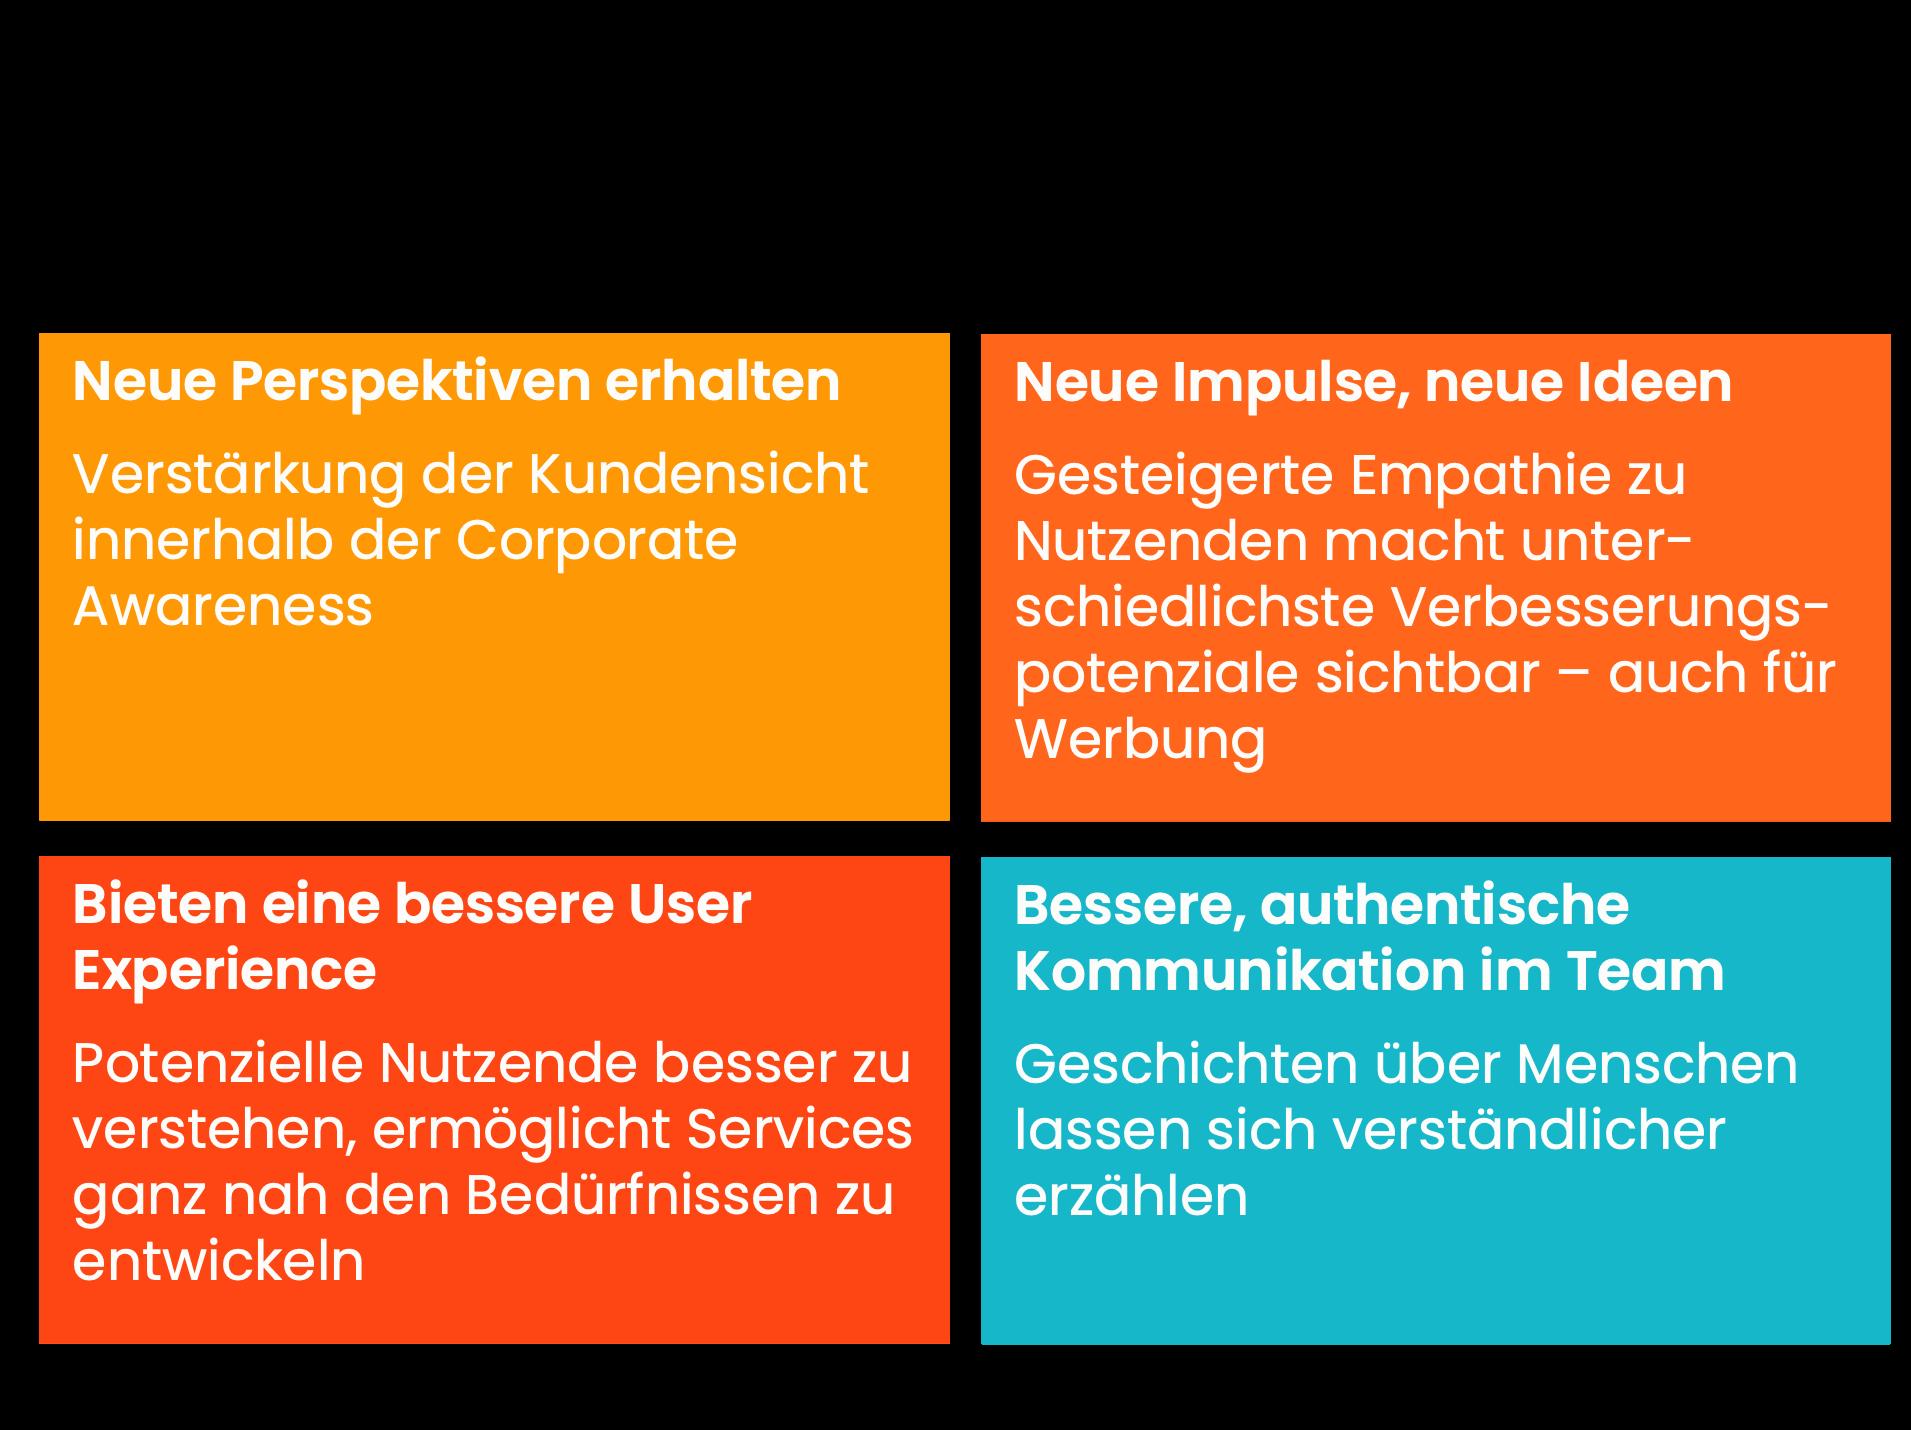 Der Einsatz des Persona-Modells im B2B-Online-Marketing